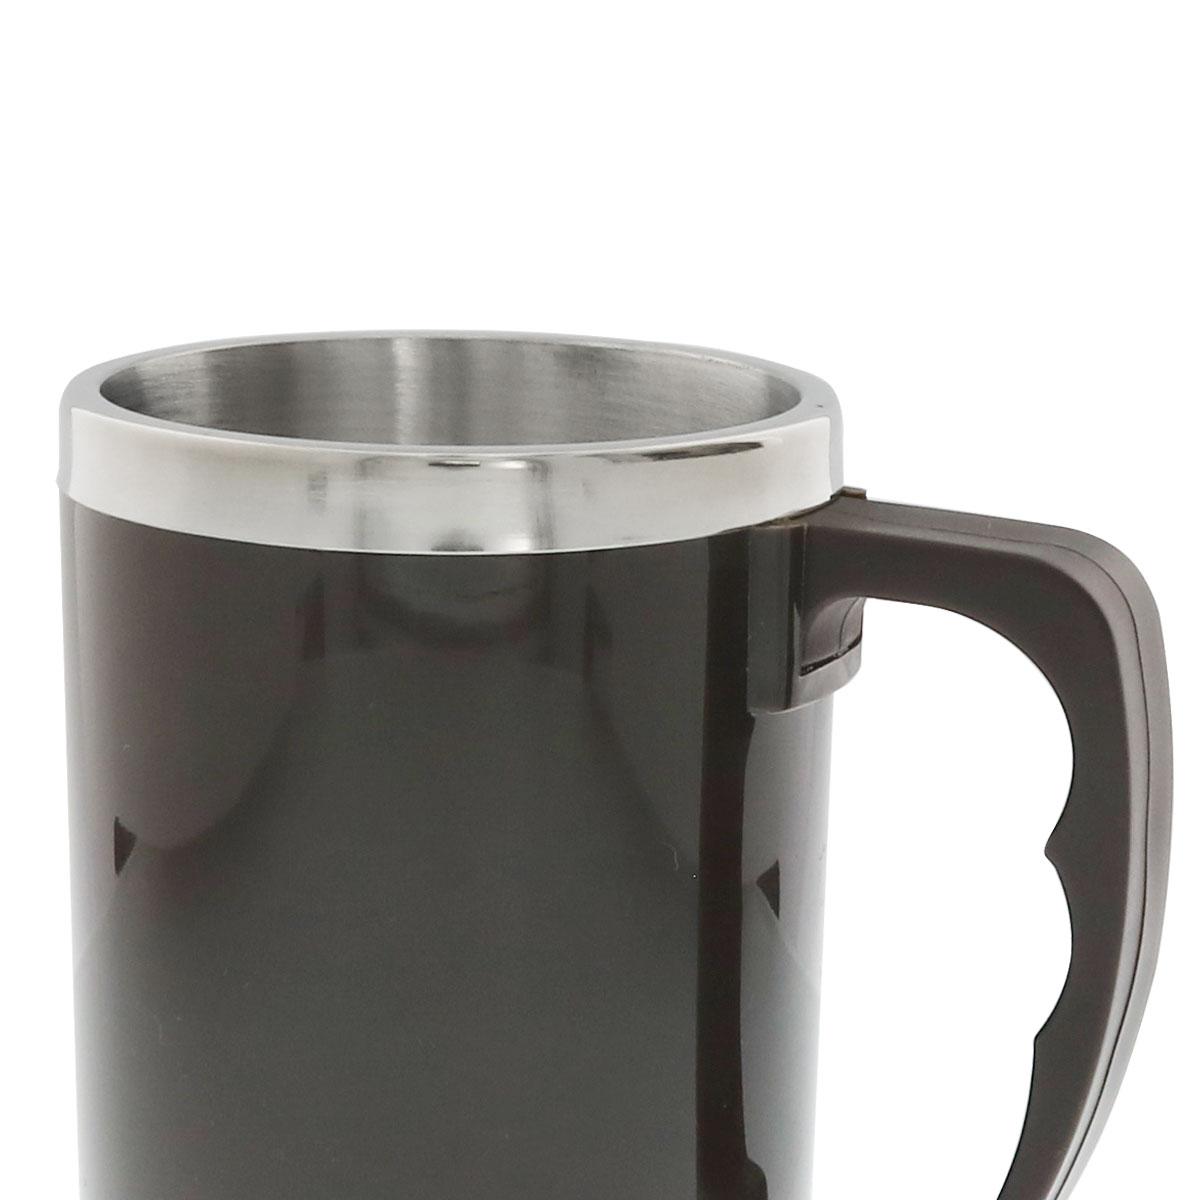 フタ付き ステンレスマグカップ 320ml 二重構造